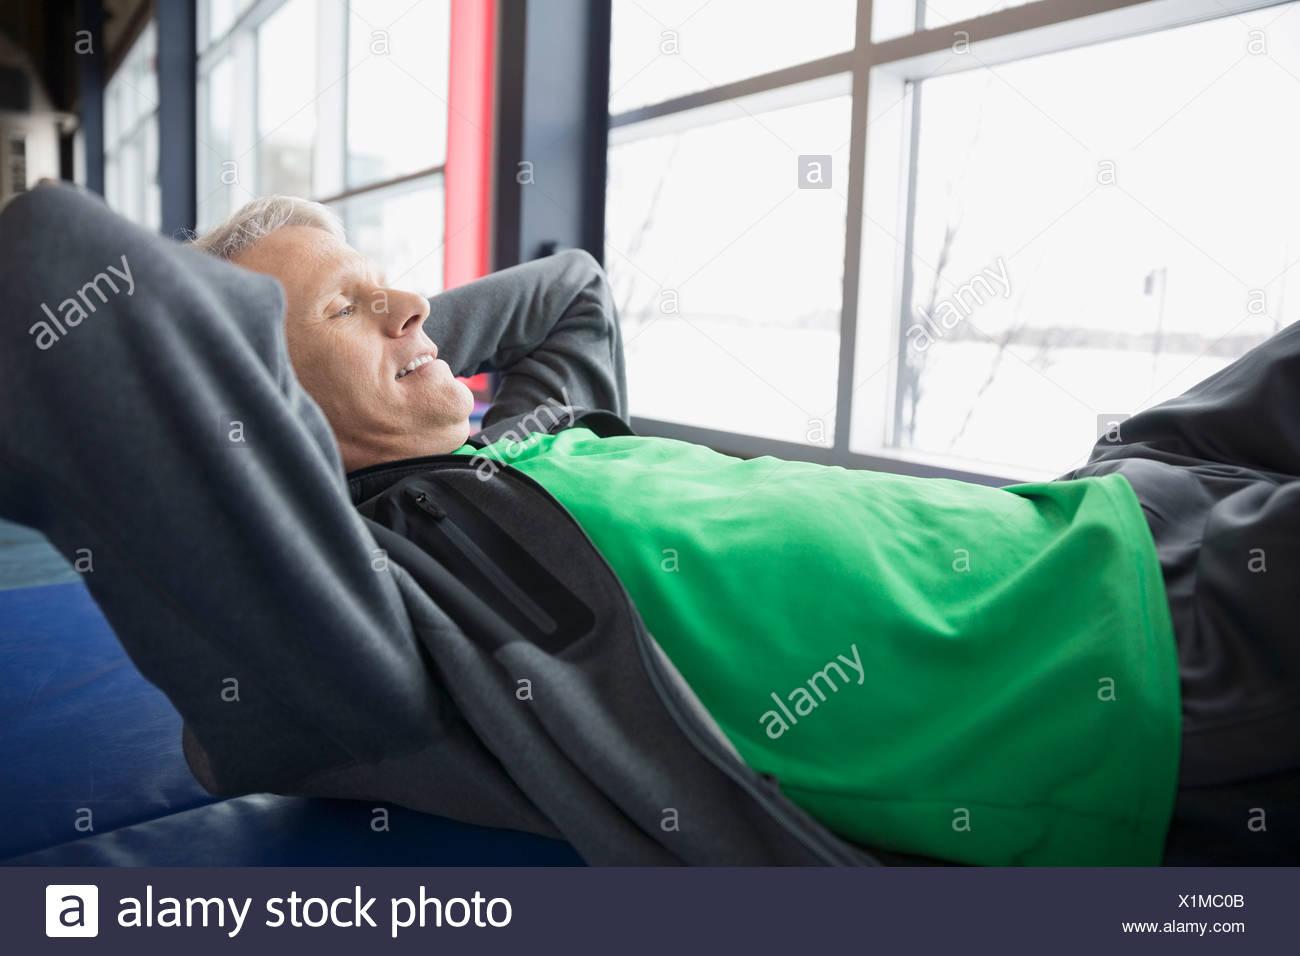 Man doing sit-ups at gym - Stock Image